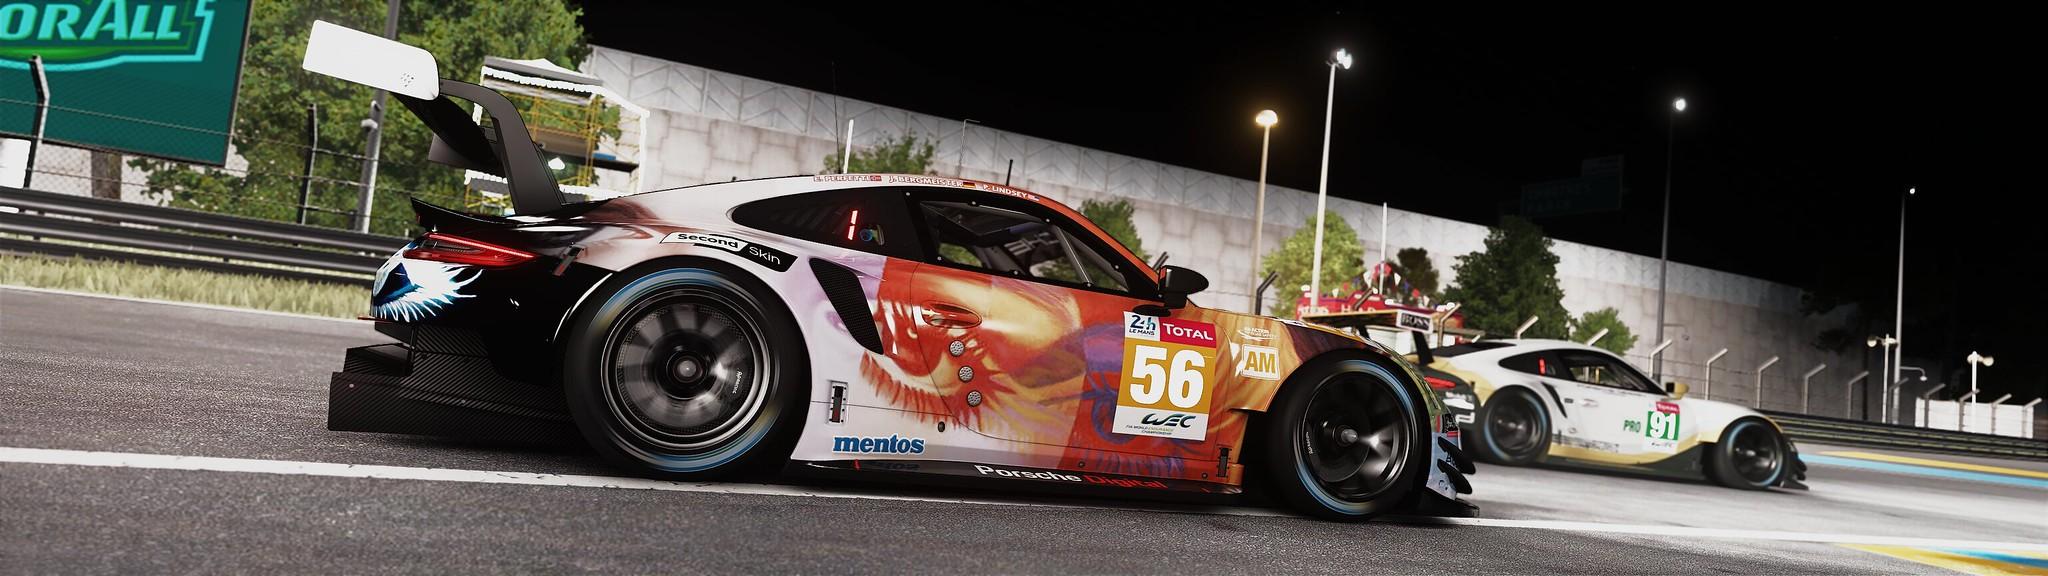 Assetto Corsa - Test Setup Mod Graphic Fx & Sound (Circuit 24 Le Mans) 49415724858_a83574ff98_k